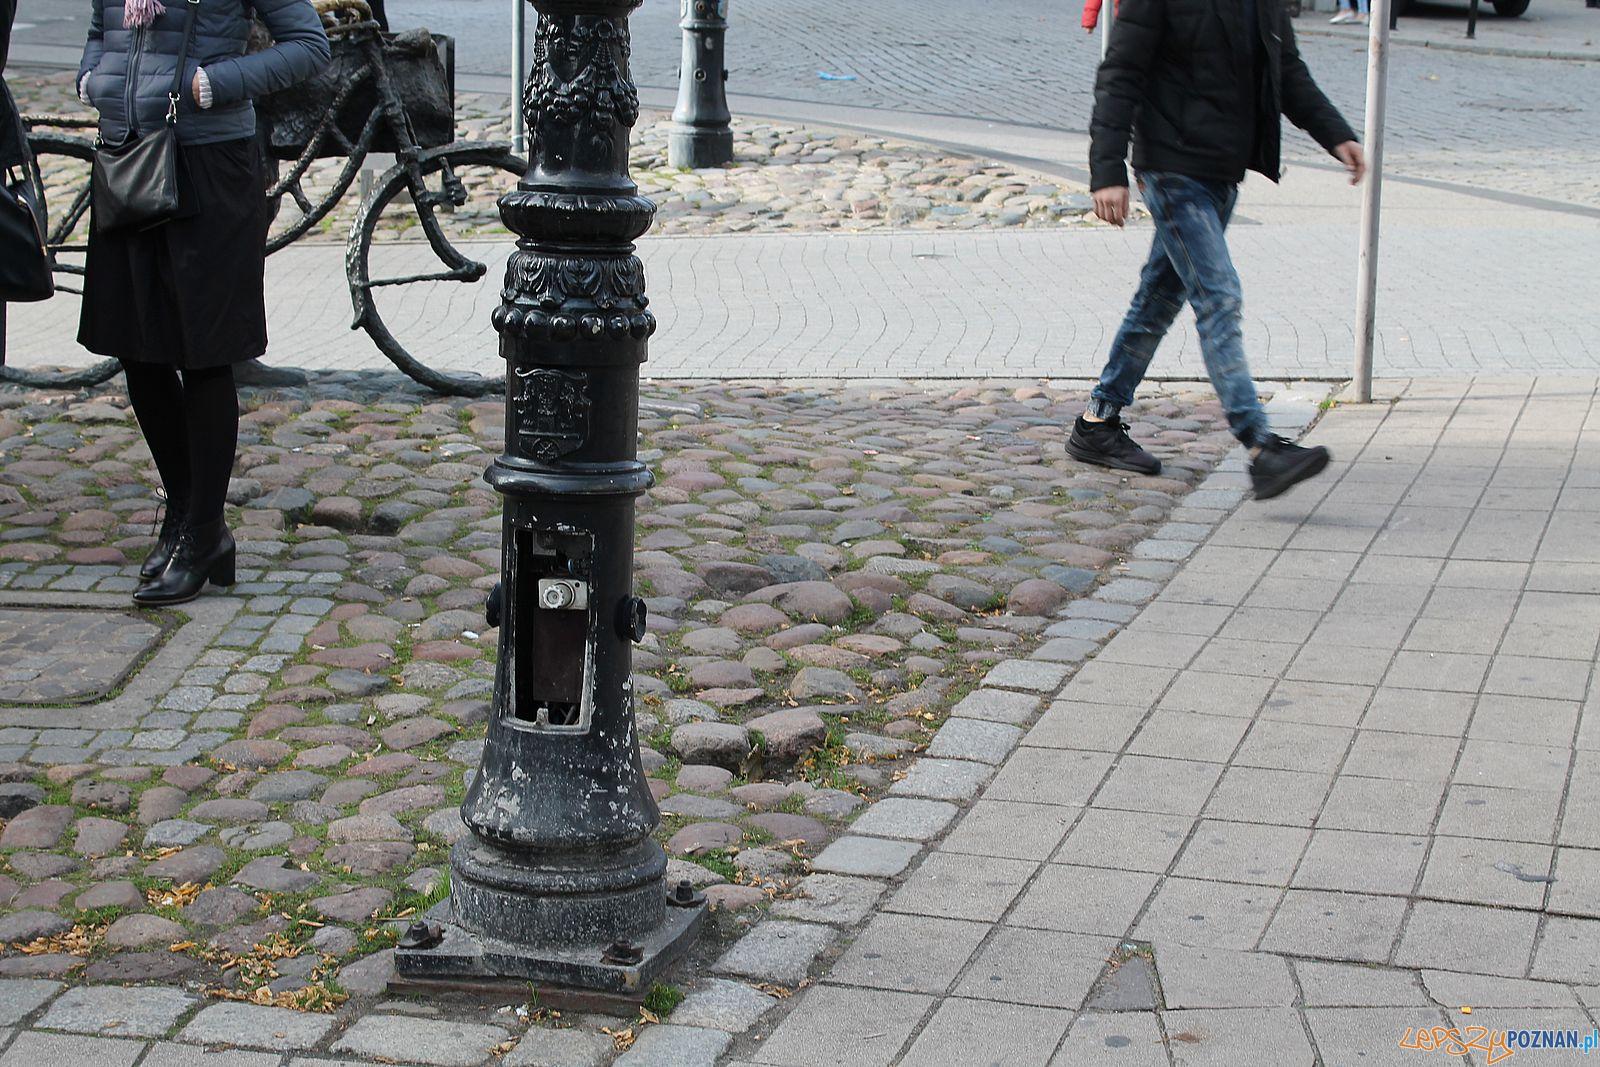 Stary Marych nieporządek wokól pomnika (2)